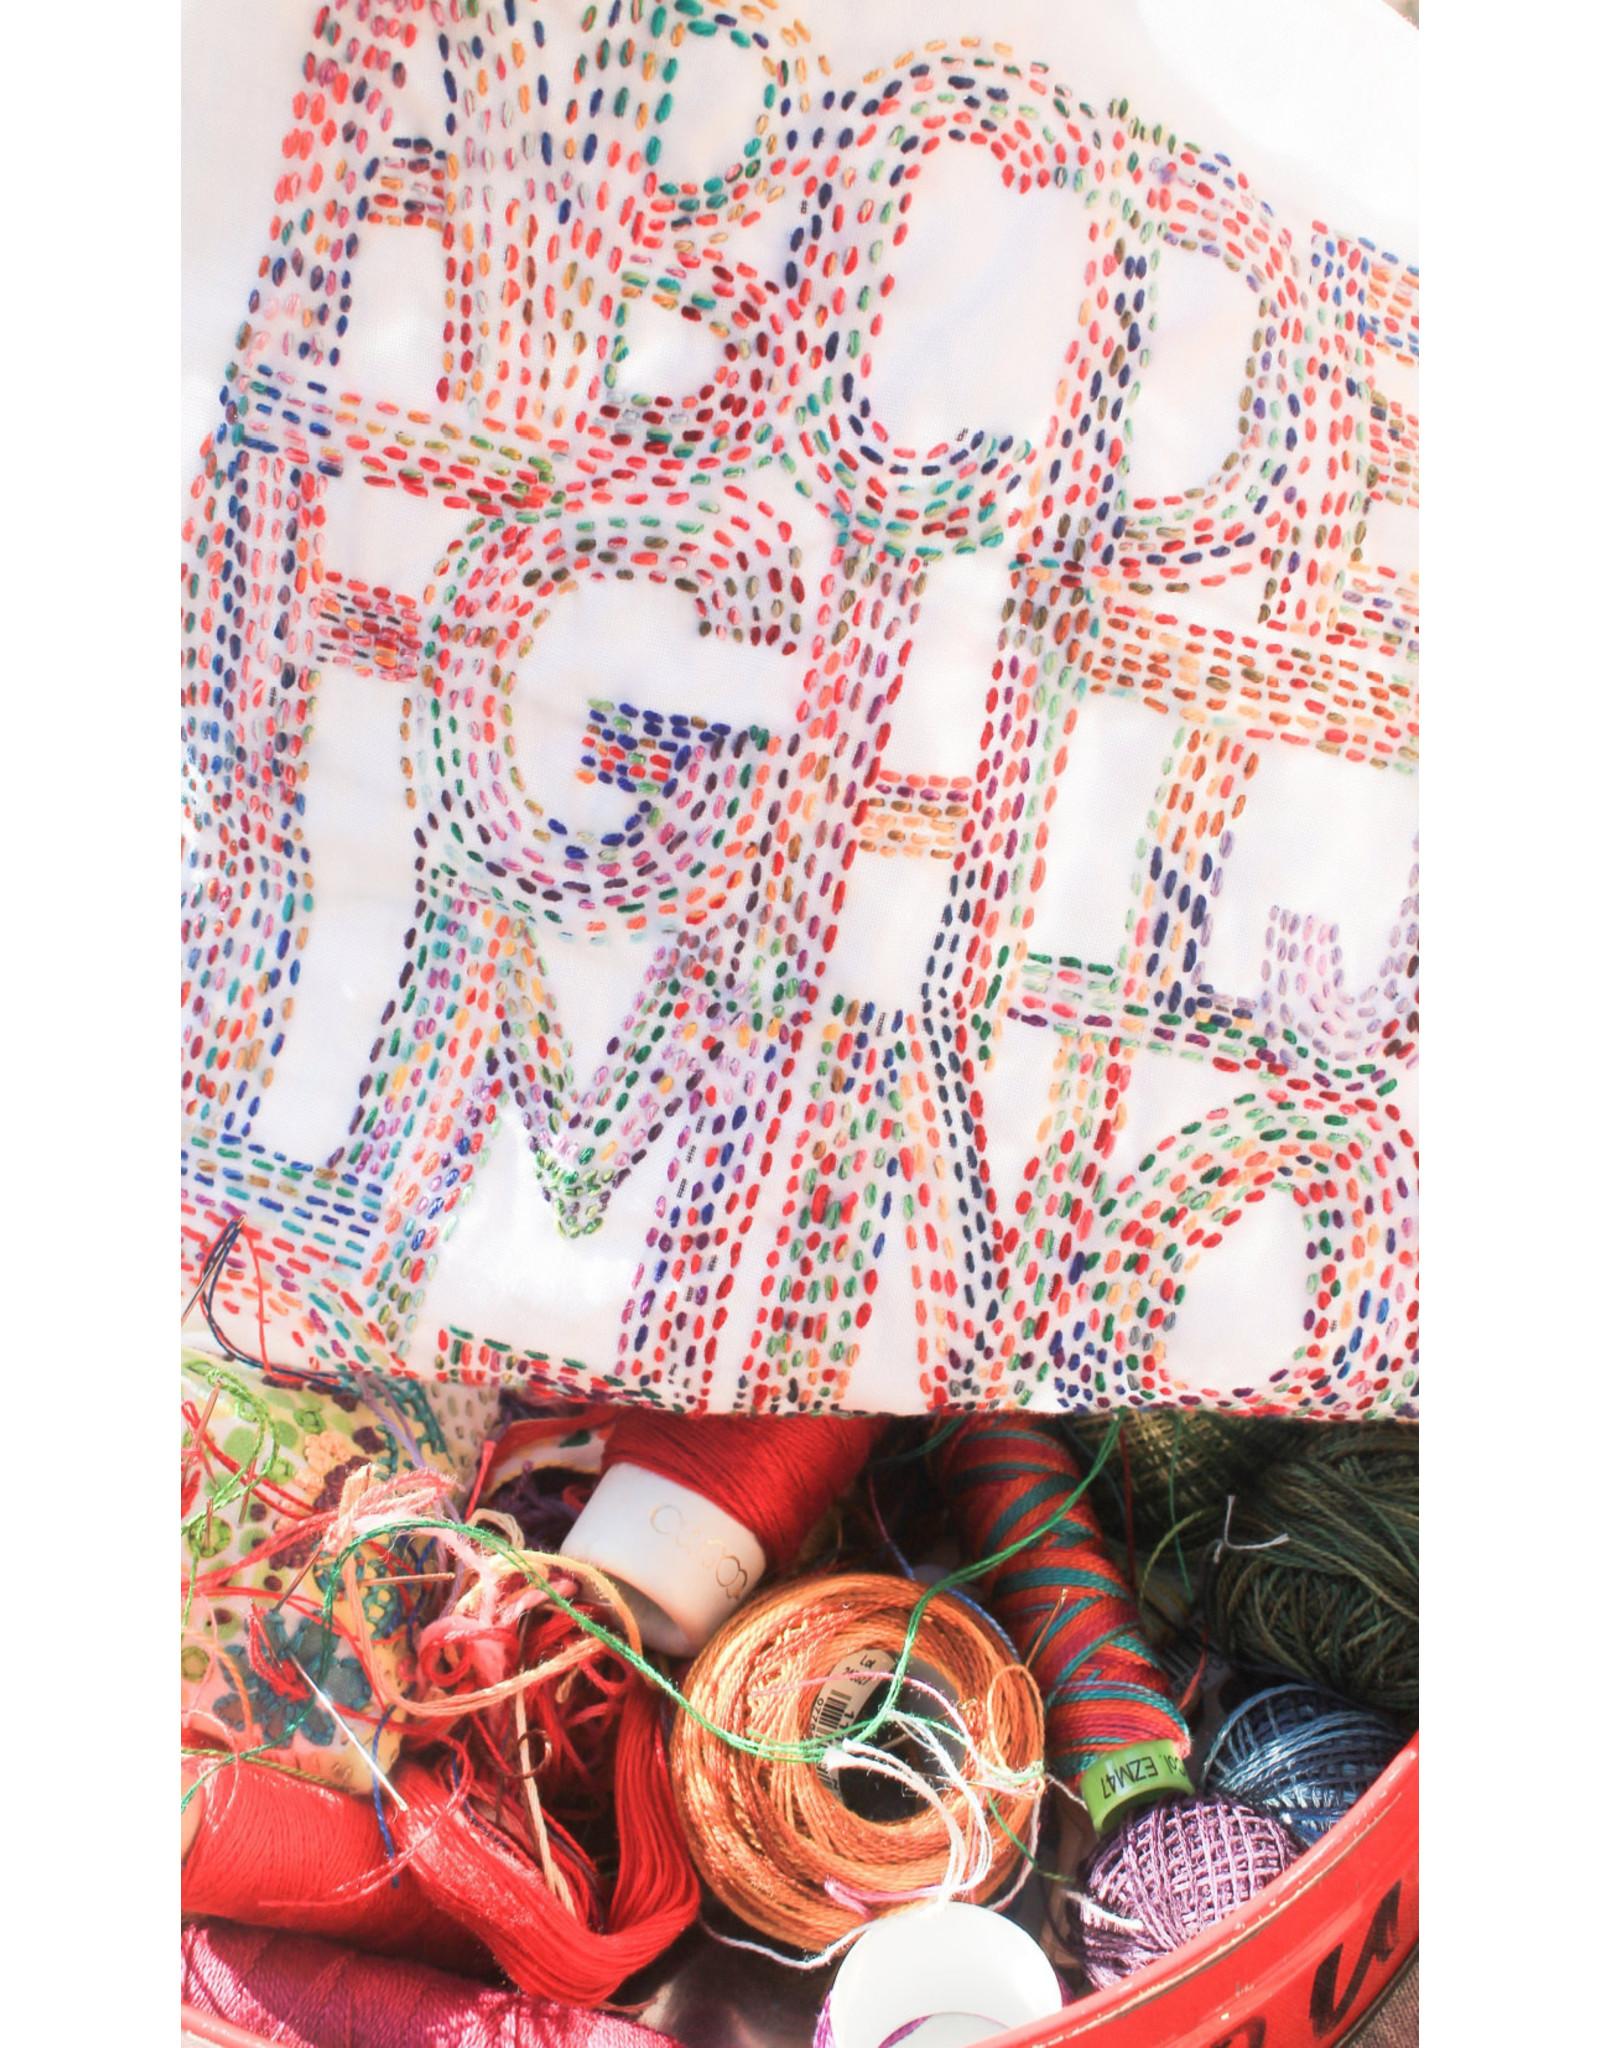 Dropcloth Samplers ABC Sprinkle Sampler,  Embroidery Sampler from Dropcloth Samplers